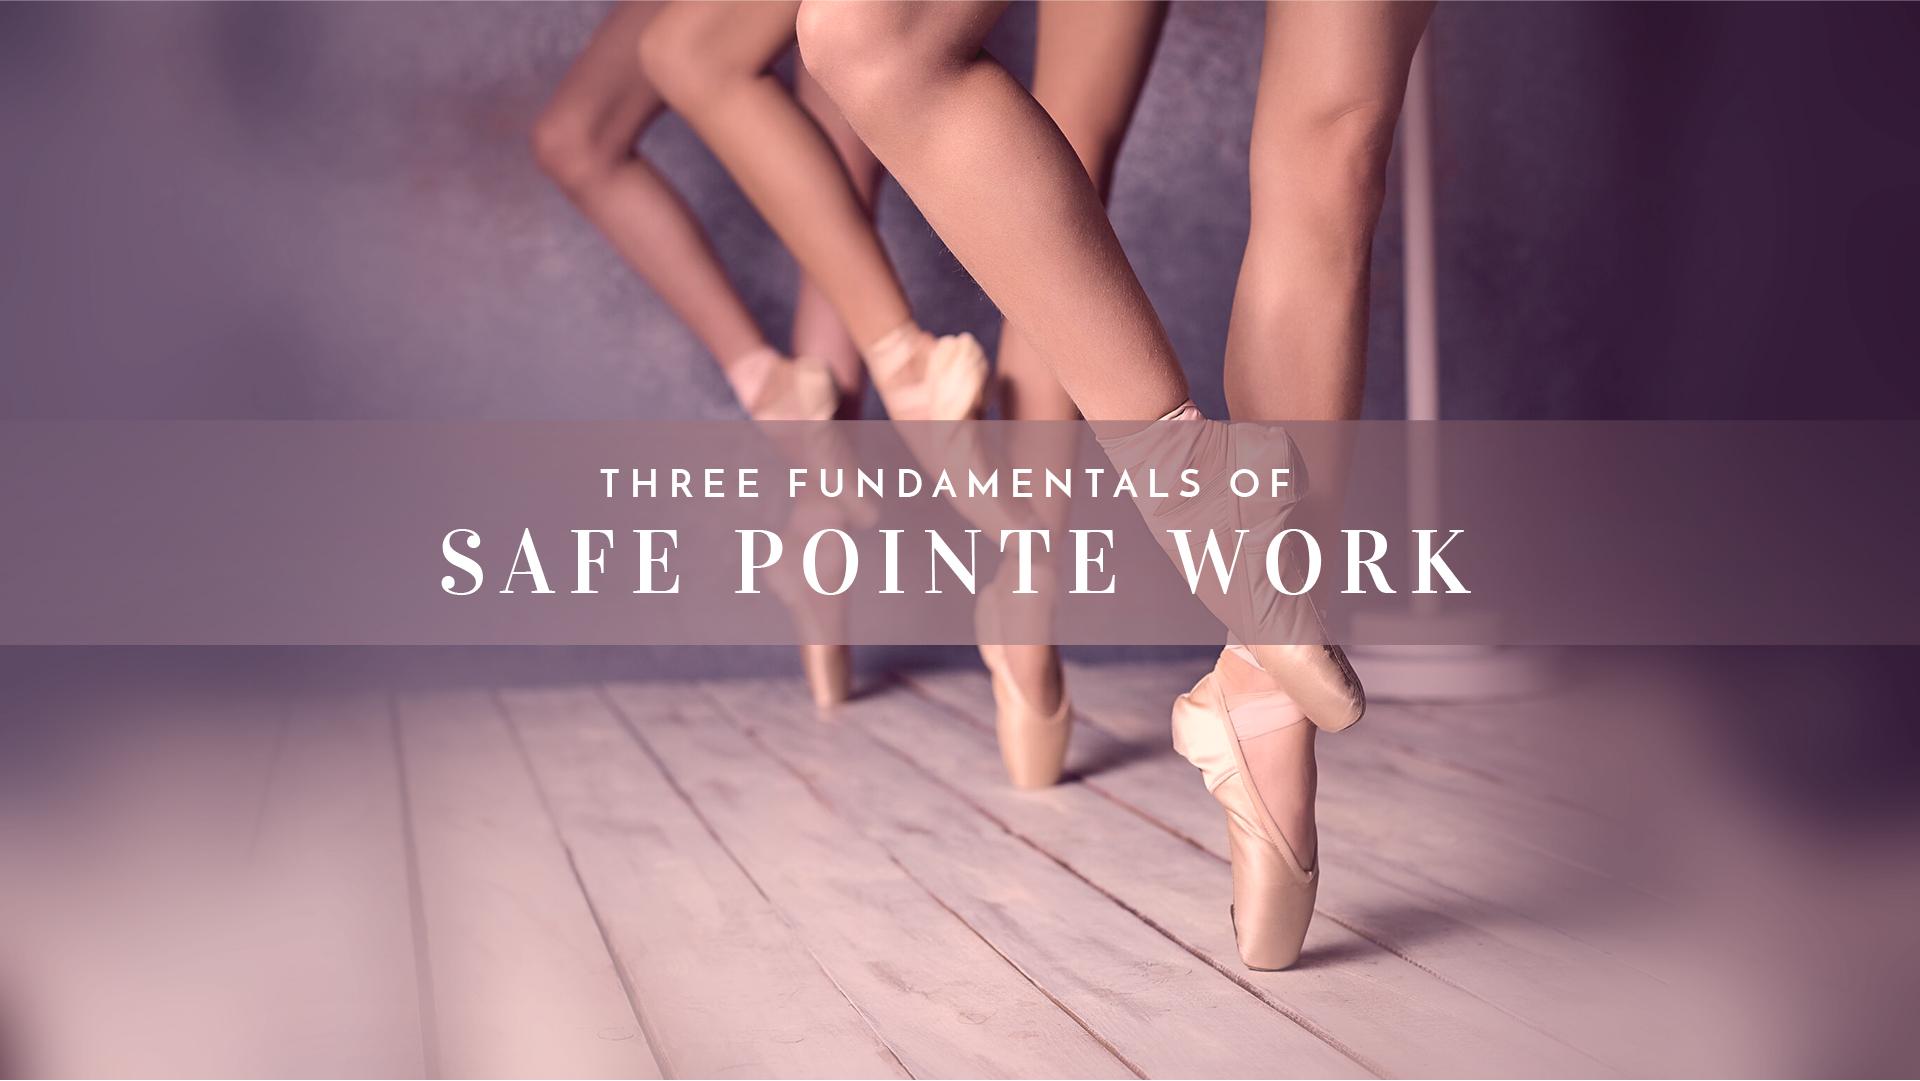 Safe Pointe Work